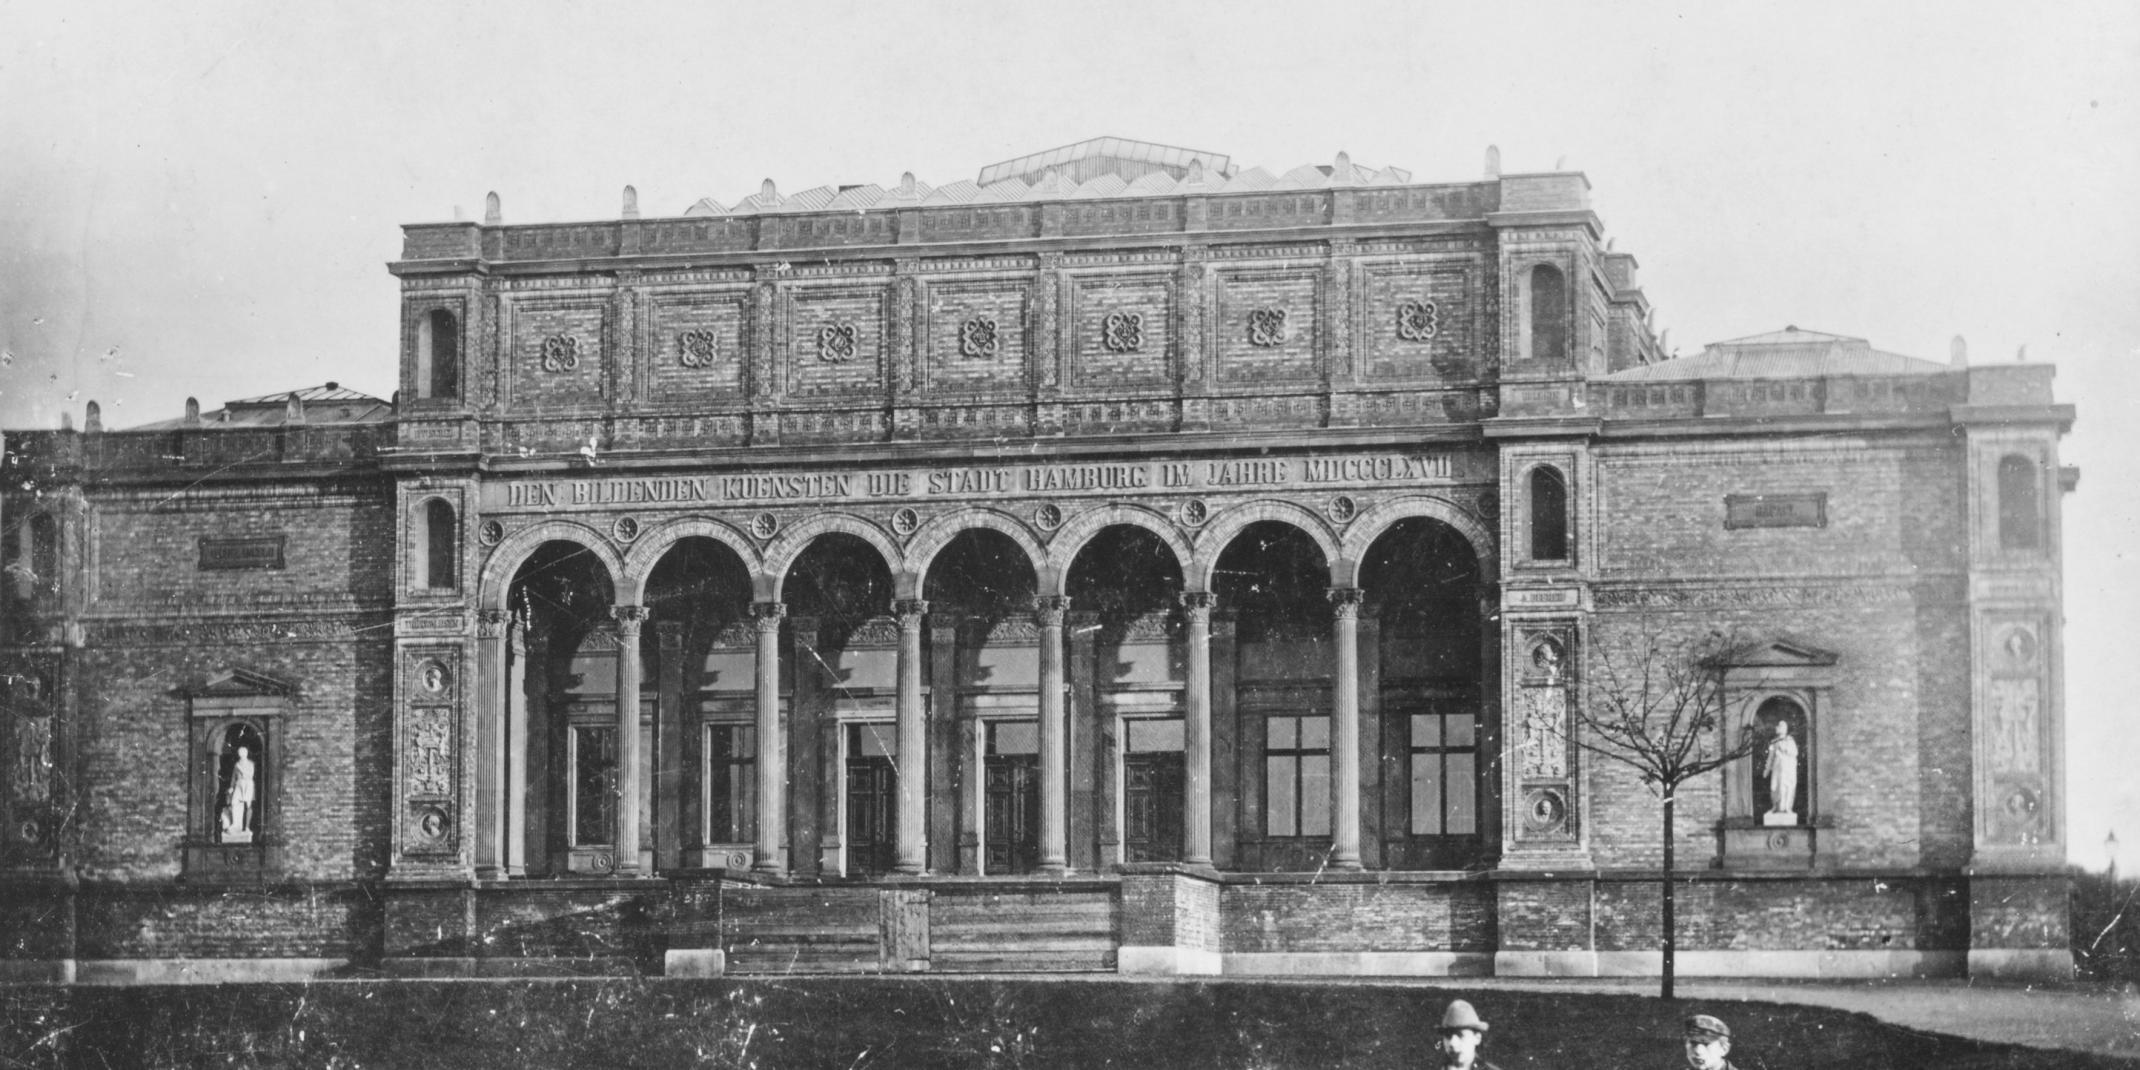 Gründungsbau der Hamburger Kunsthalle, vor 1889 Foto: Hermann Priester © Hamburger Kunsthalle